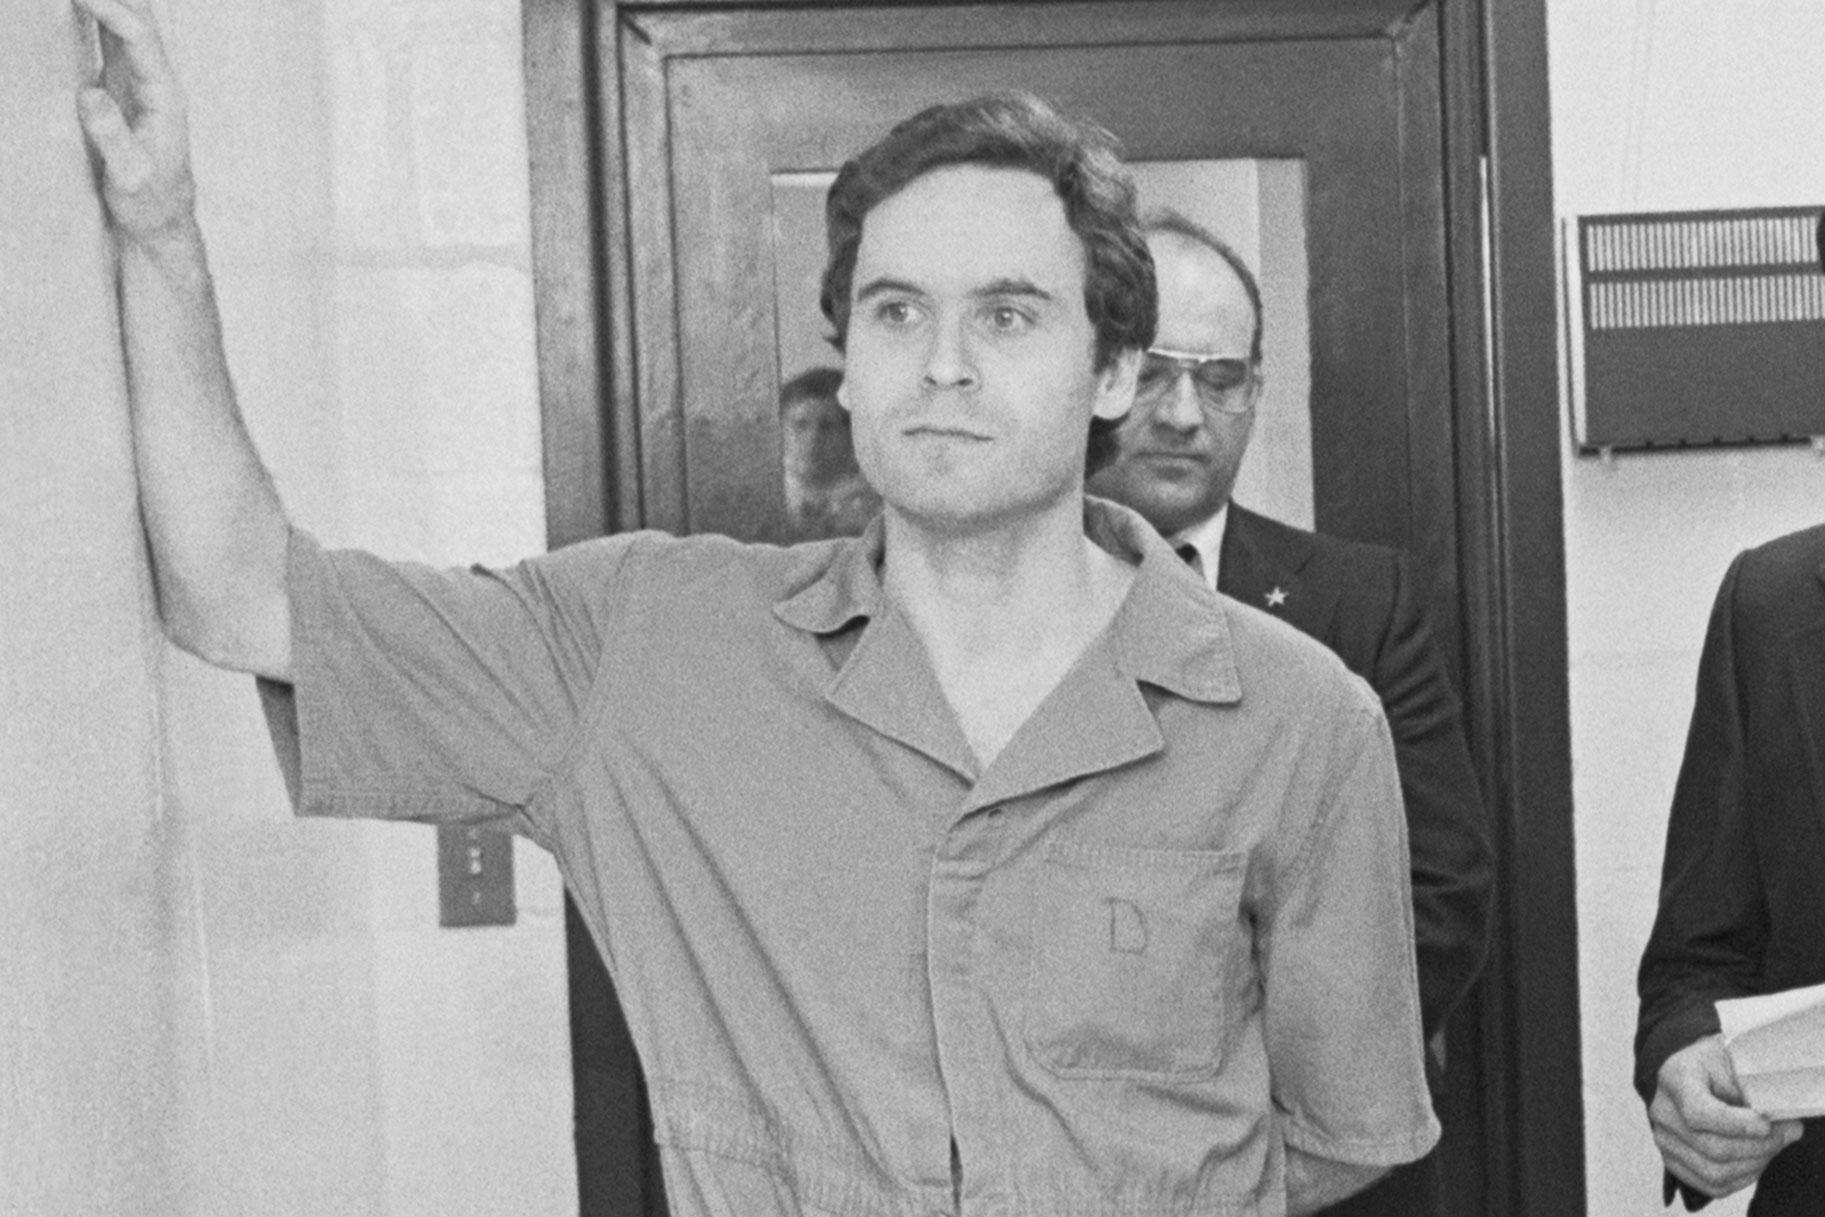 Voleu un exemple de privilegi blanc? Només cal mirar Ted Bundy